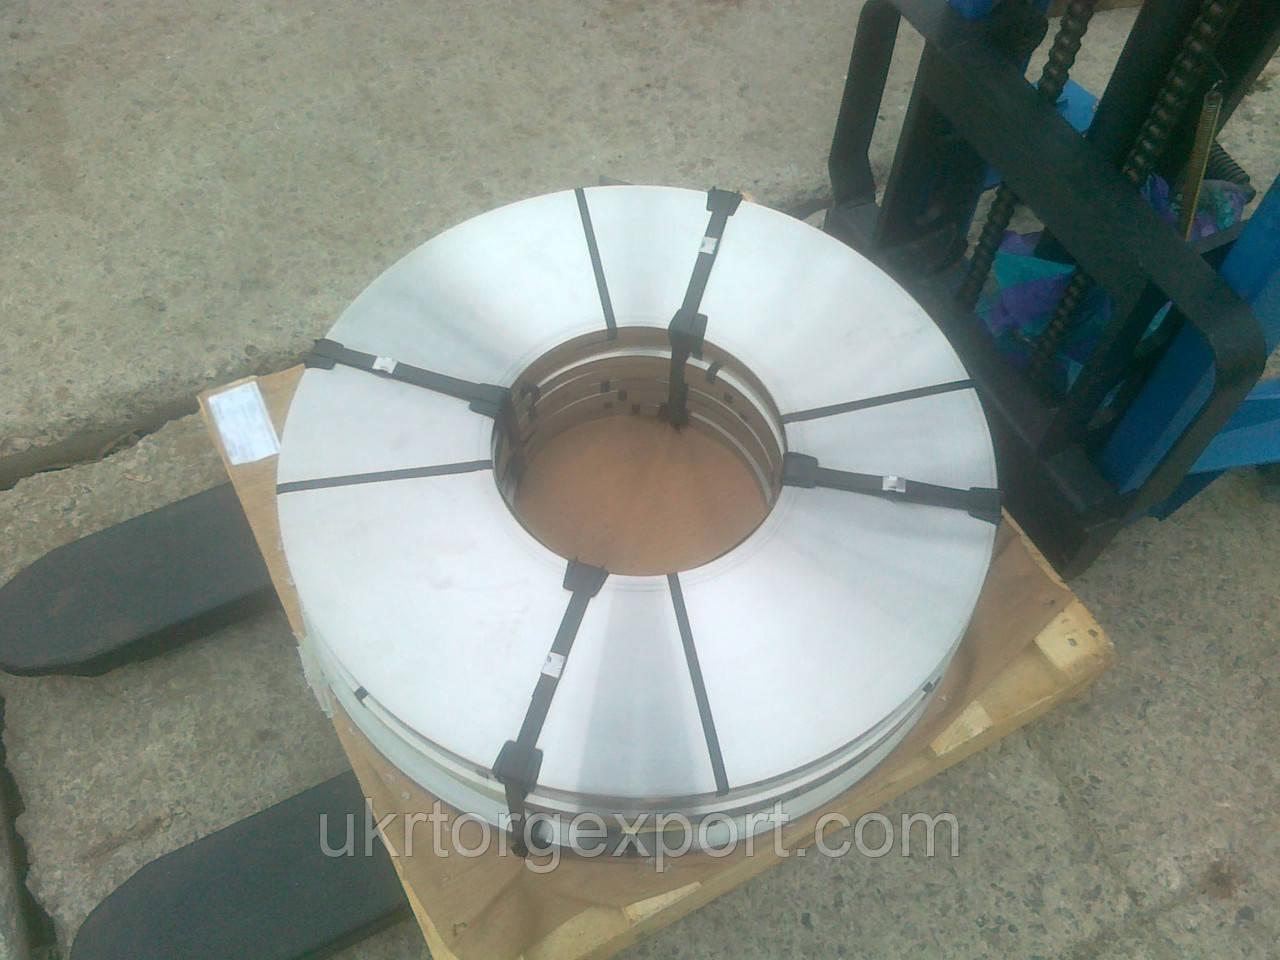 Нержавеющая  стальная лента 0,29мм*400мм материал: 1,4310 (AISI 301, 12Х18Н9 ) нагартованная (твёрдая)